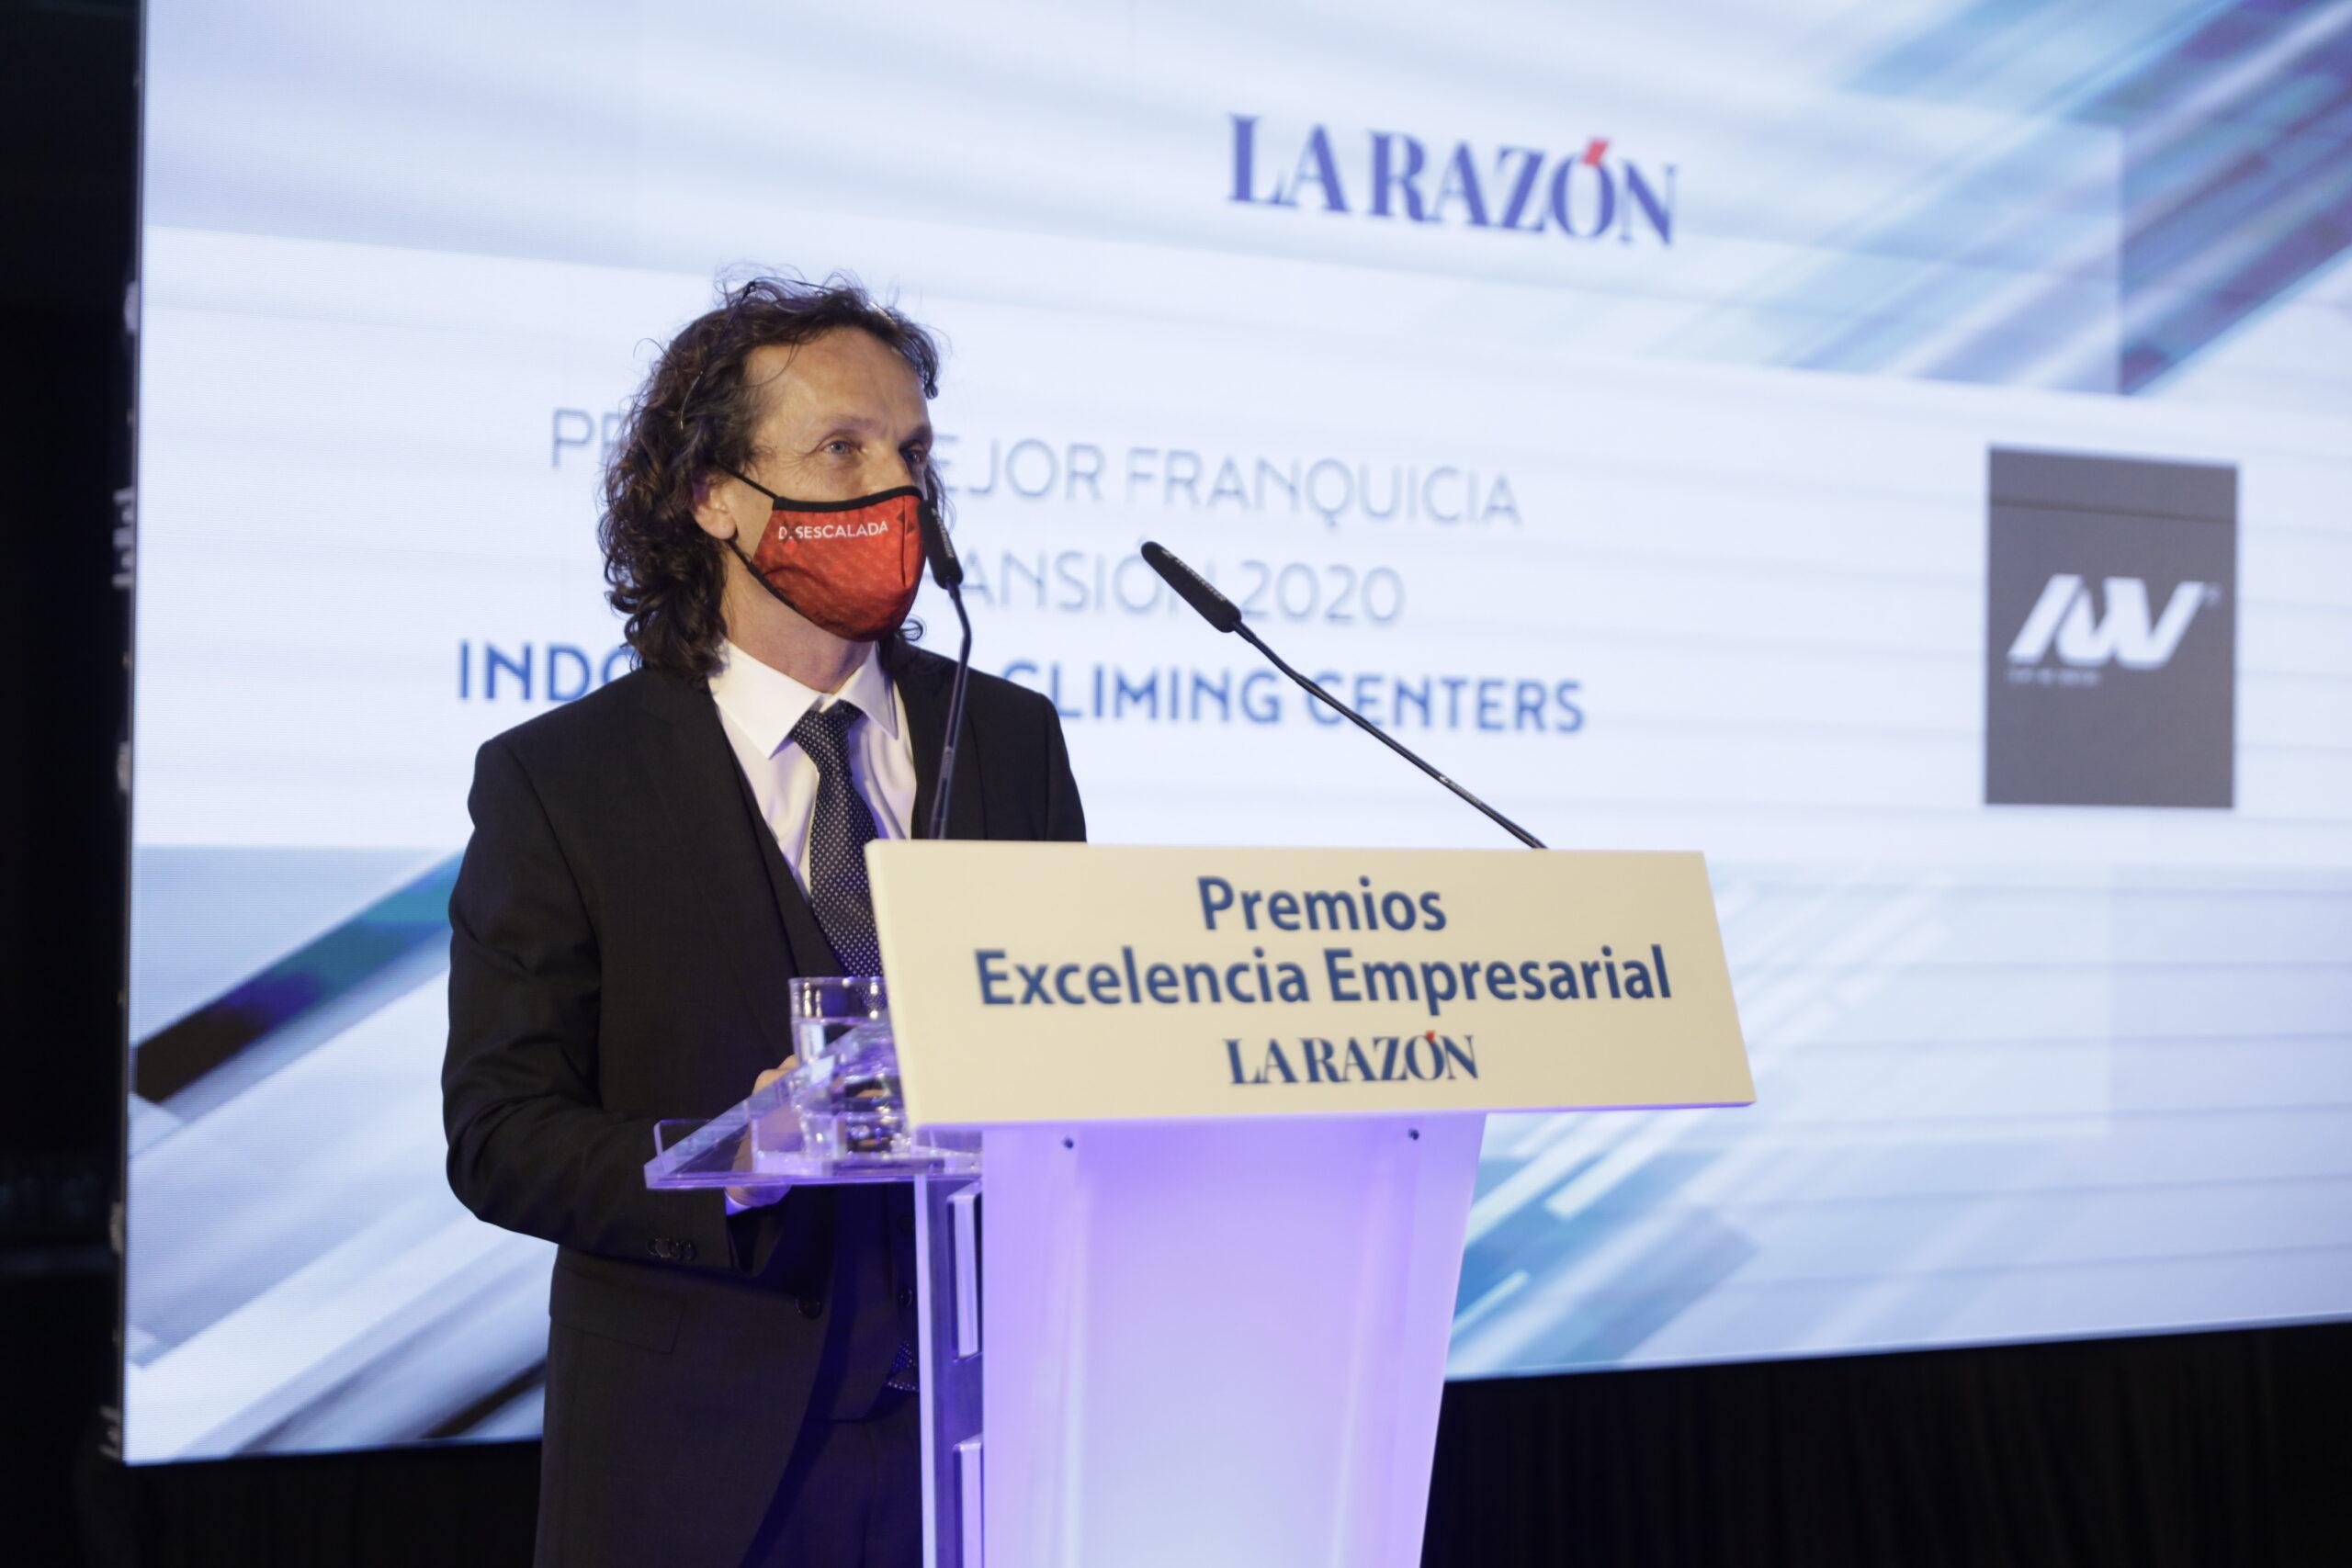 Indoorwall Premiado Como Mejor Franquicia En Expansión De 2020.